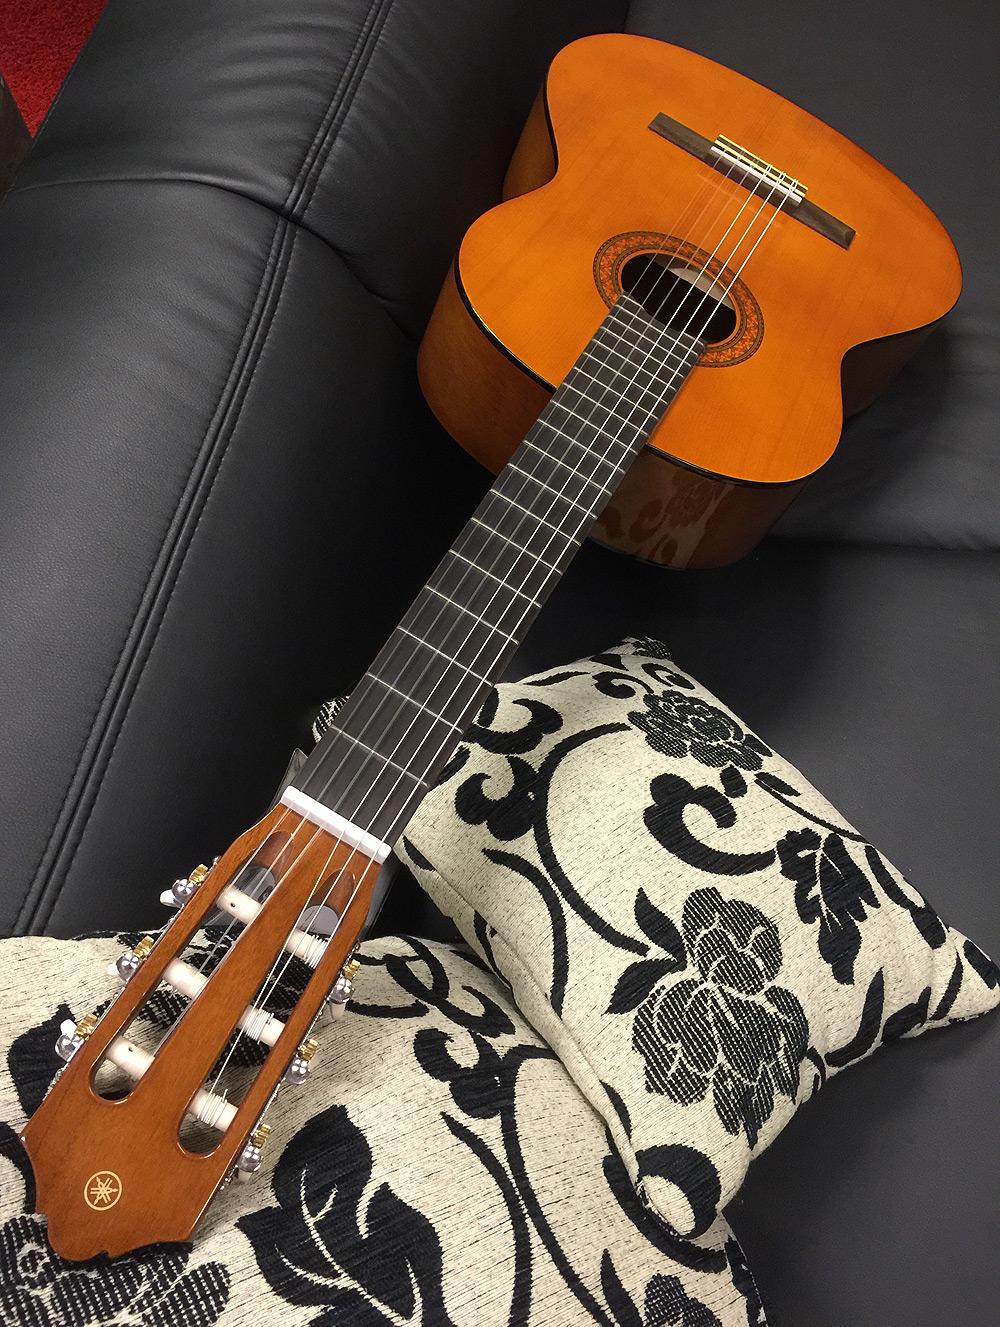 3-String Gold Top Einstellbare Bruecke N5I1 Zigarrenschachtel Gitarrenteile